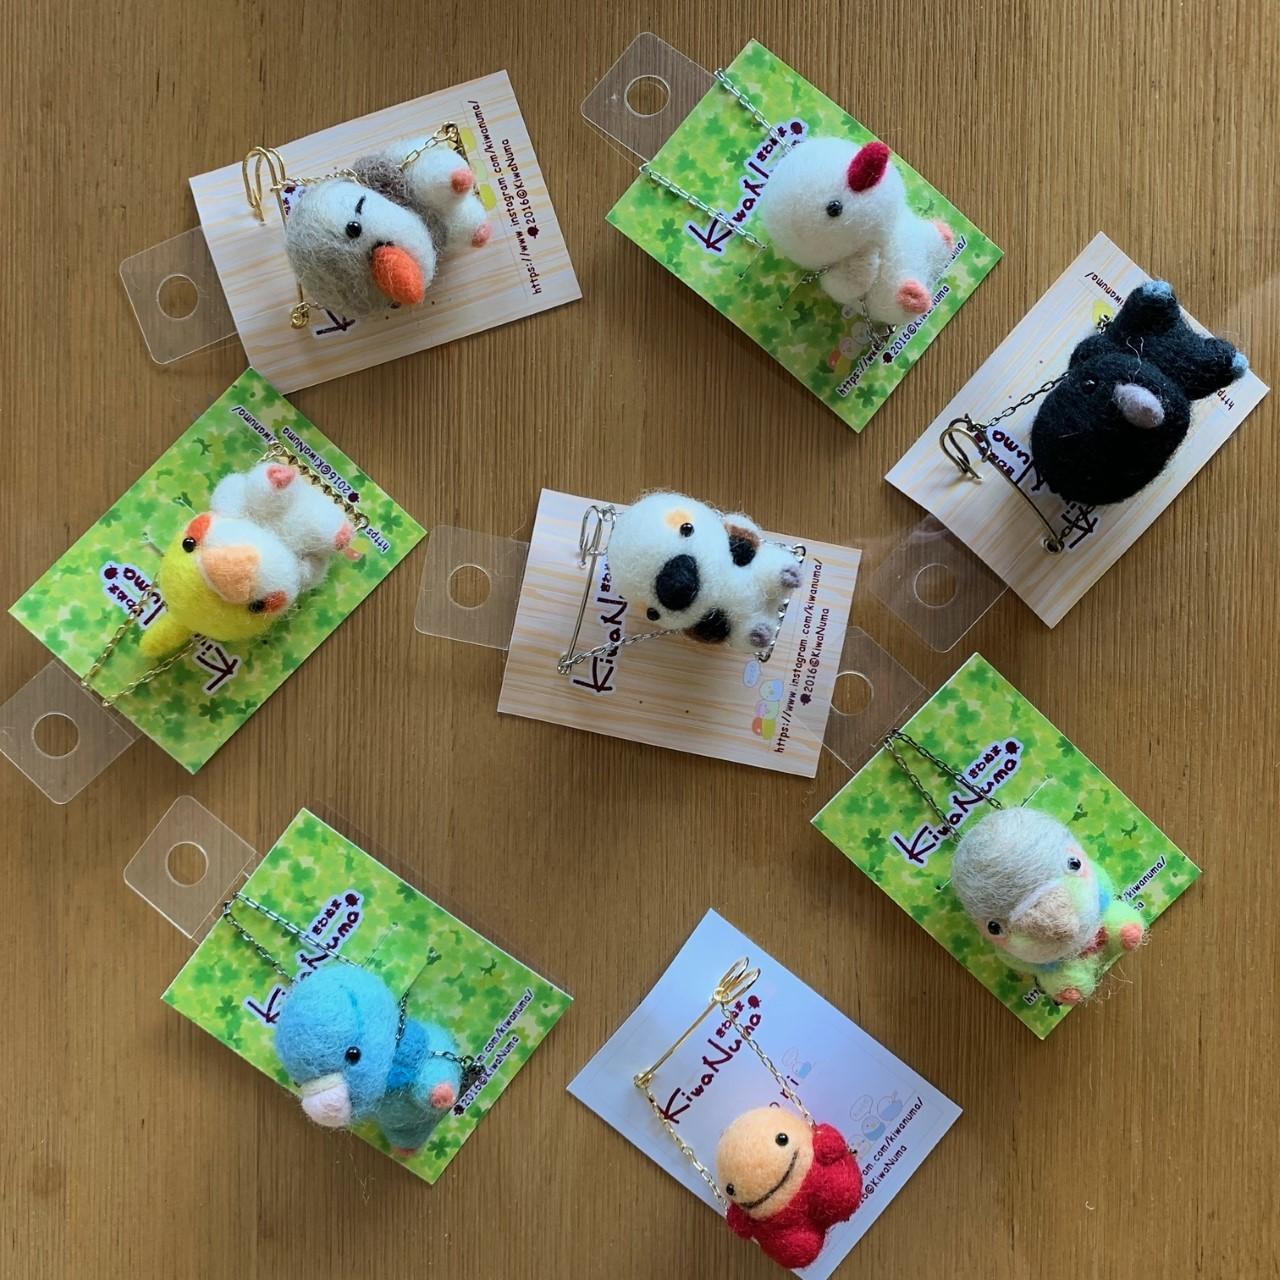 鳥展 KiwaNumaさん羊毛フェルト作品 通販開始します_d0322493_11110618.jpg